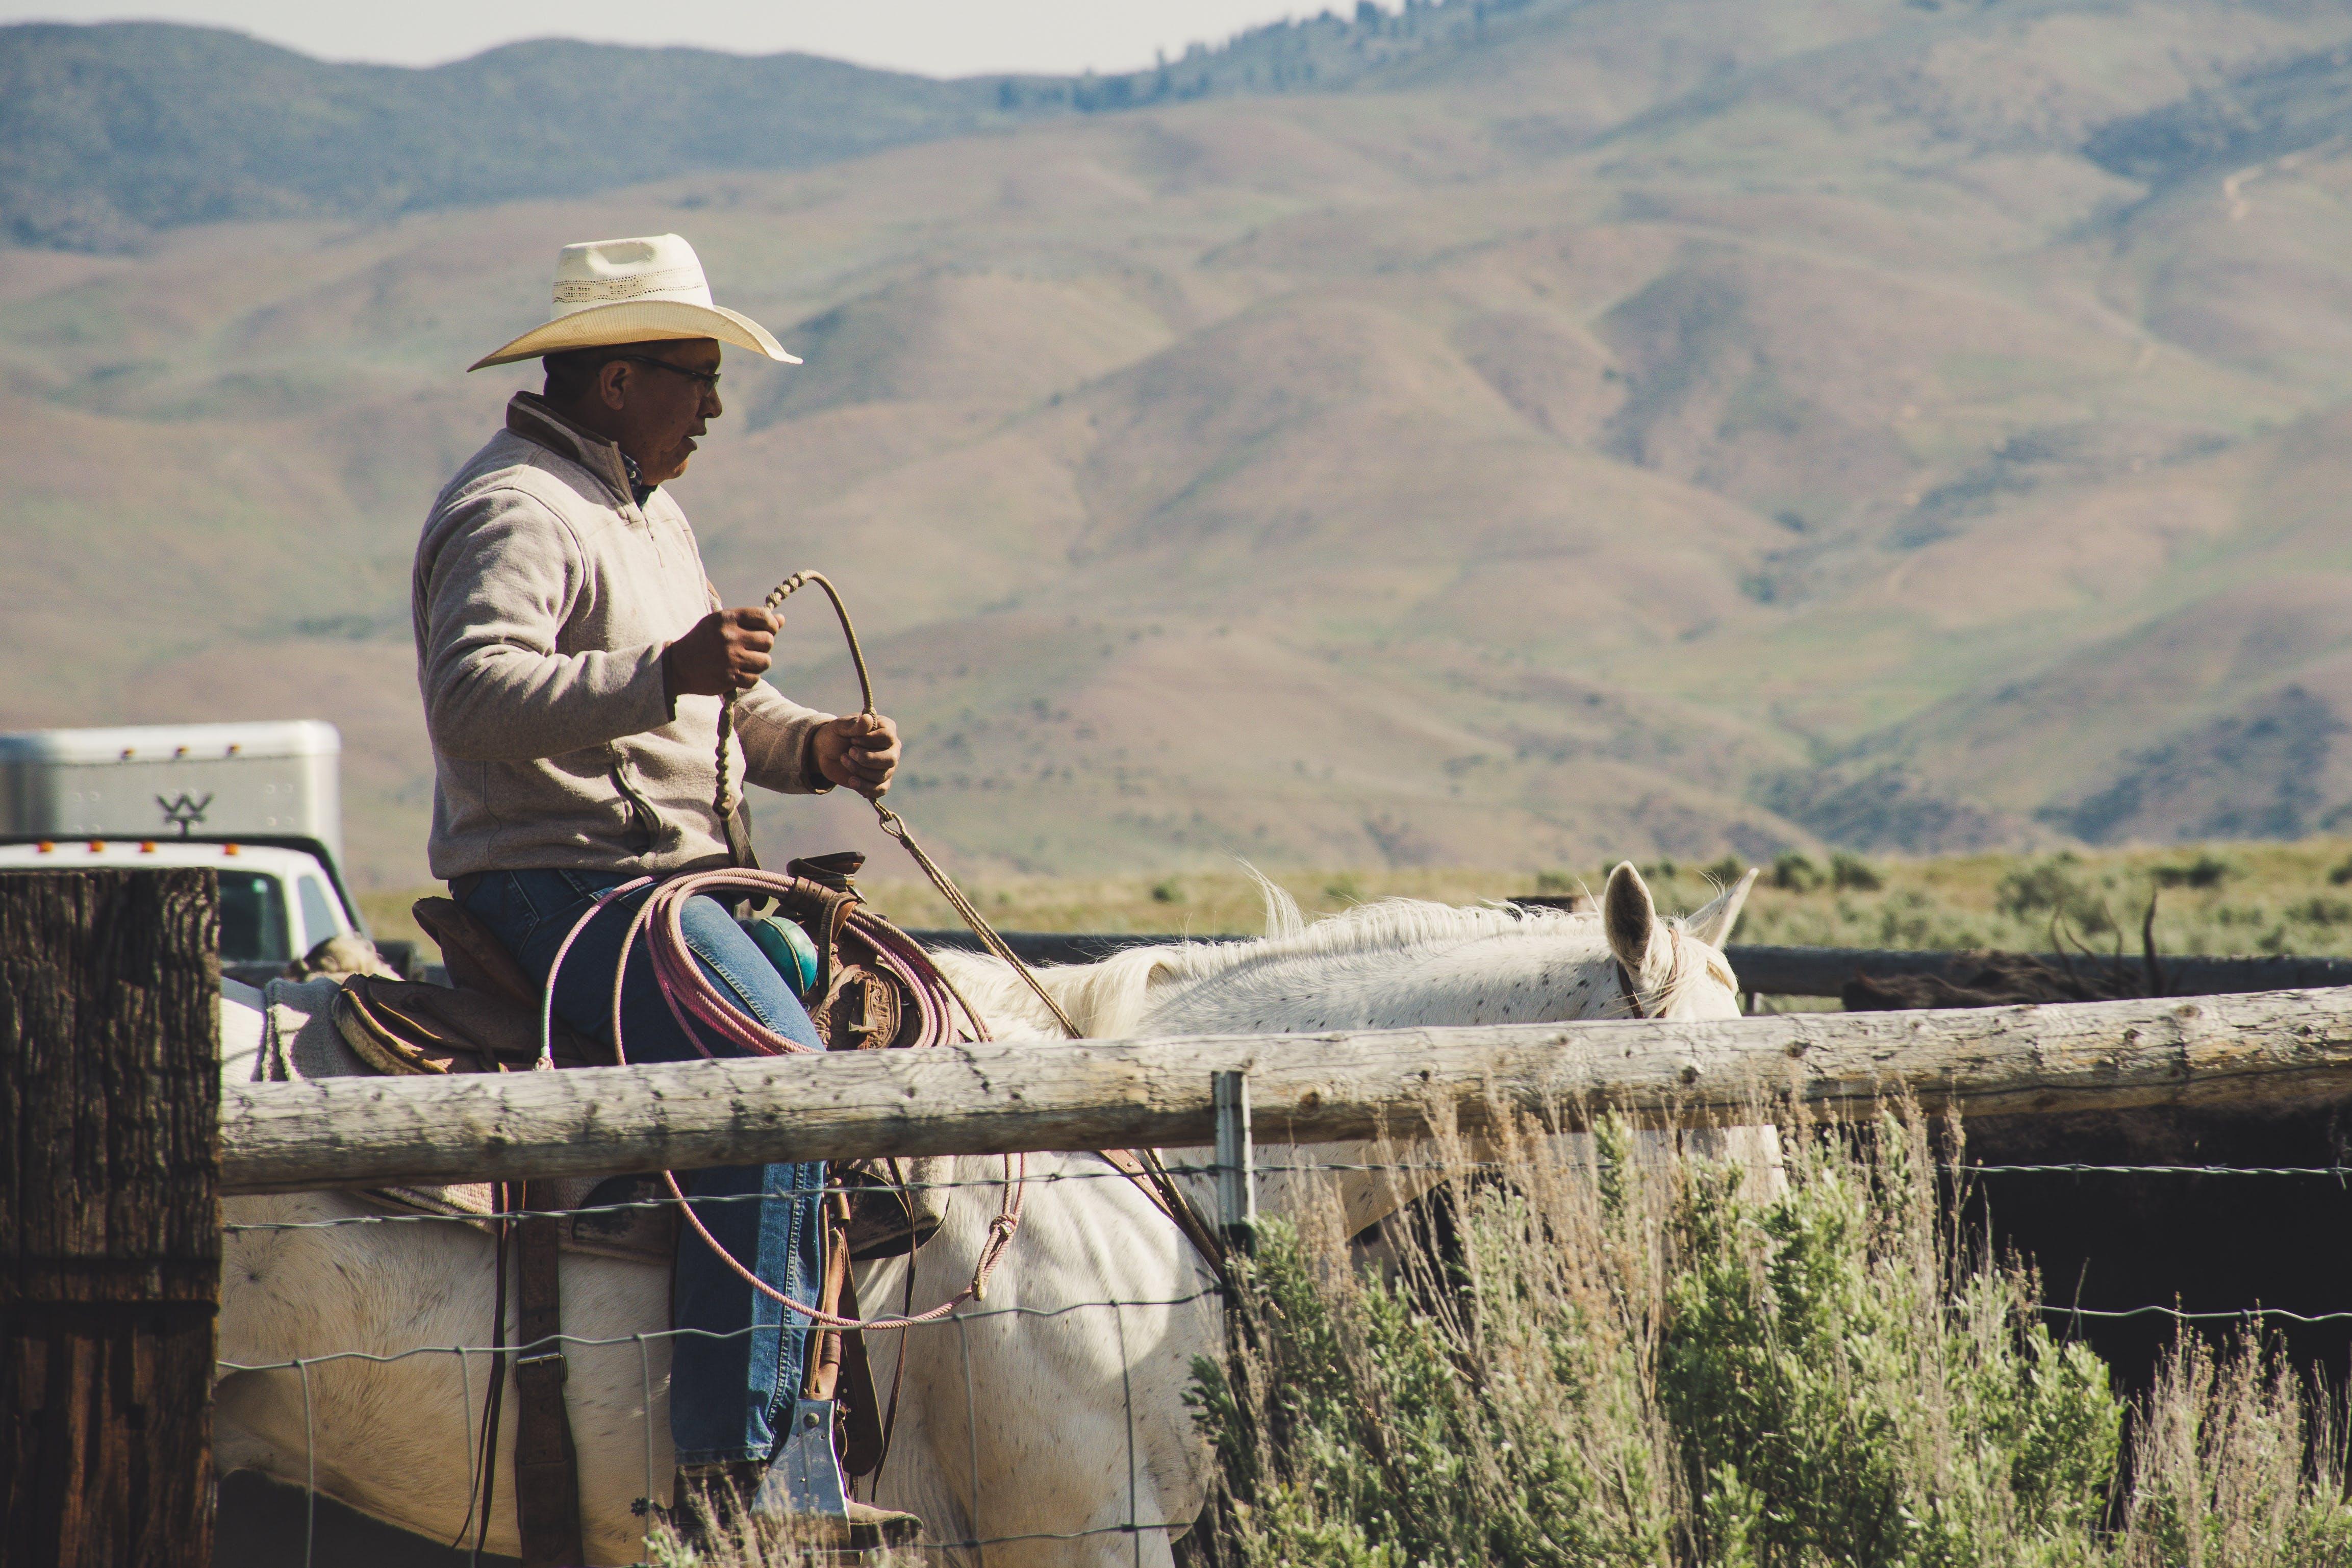 Fotos de stock gratuitas de animales, atracción, caballo, cerca